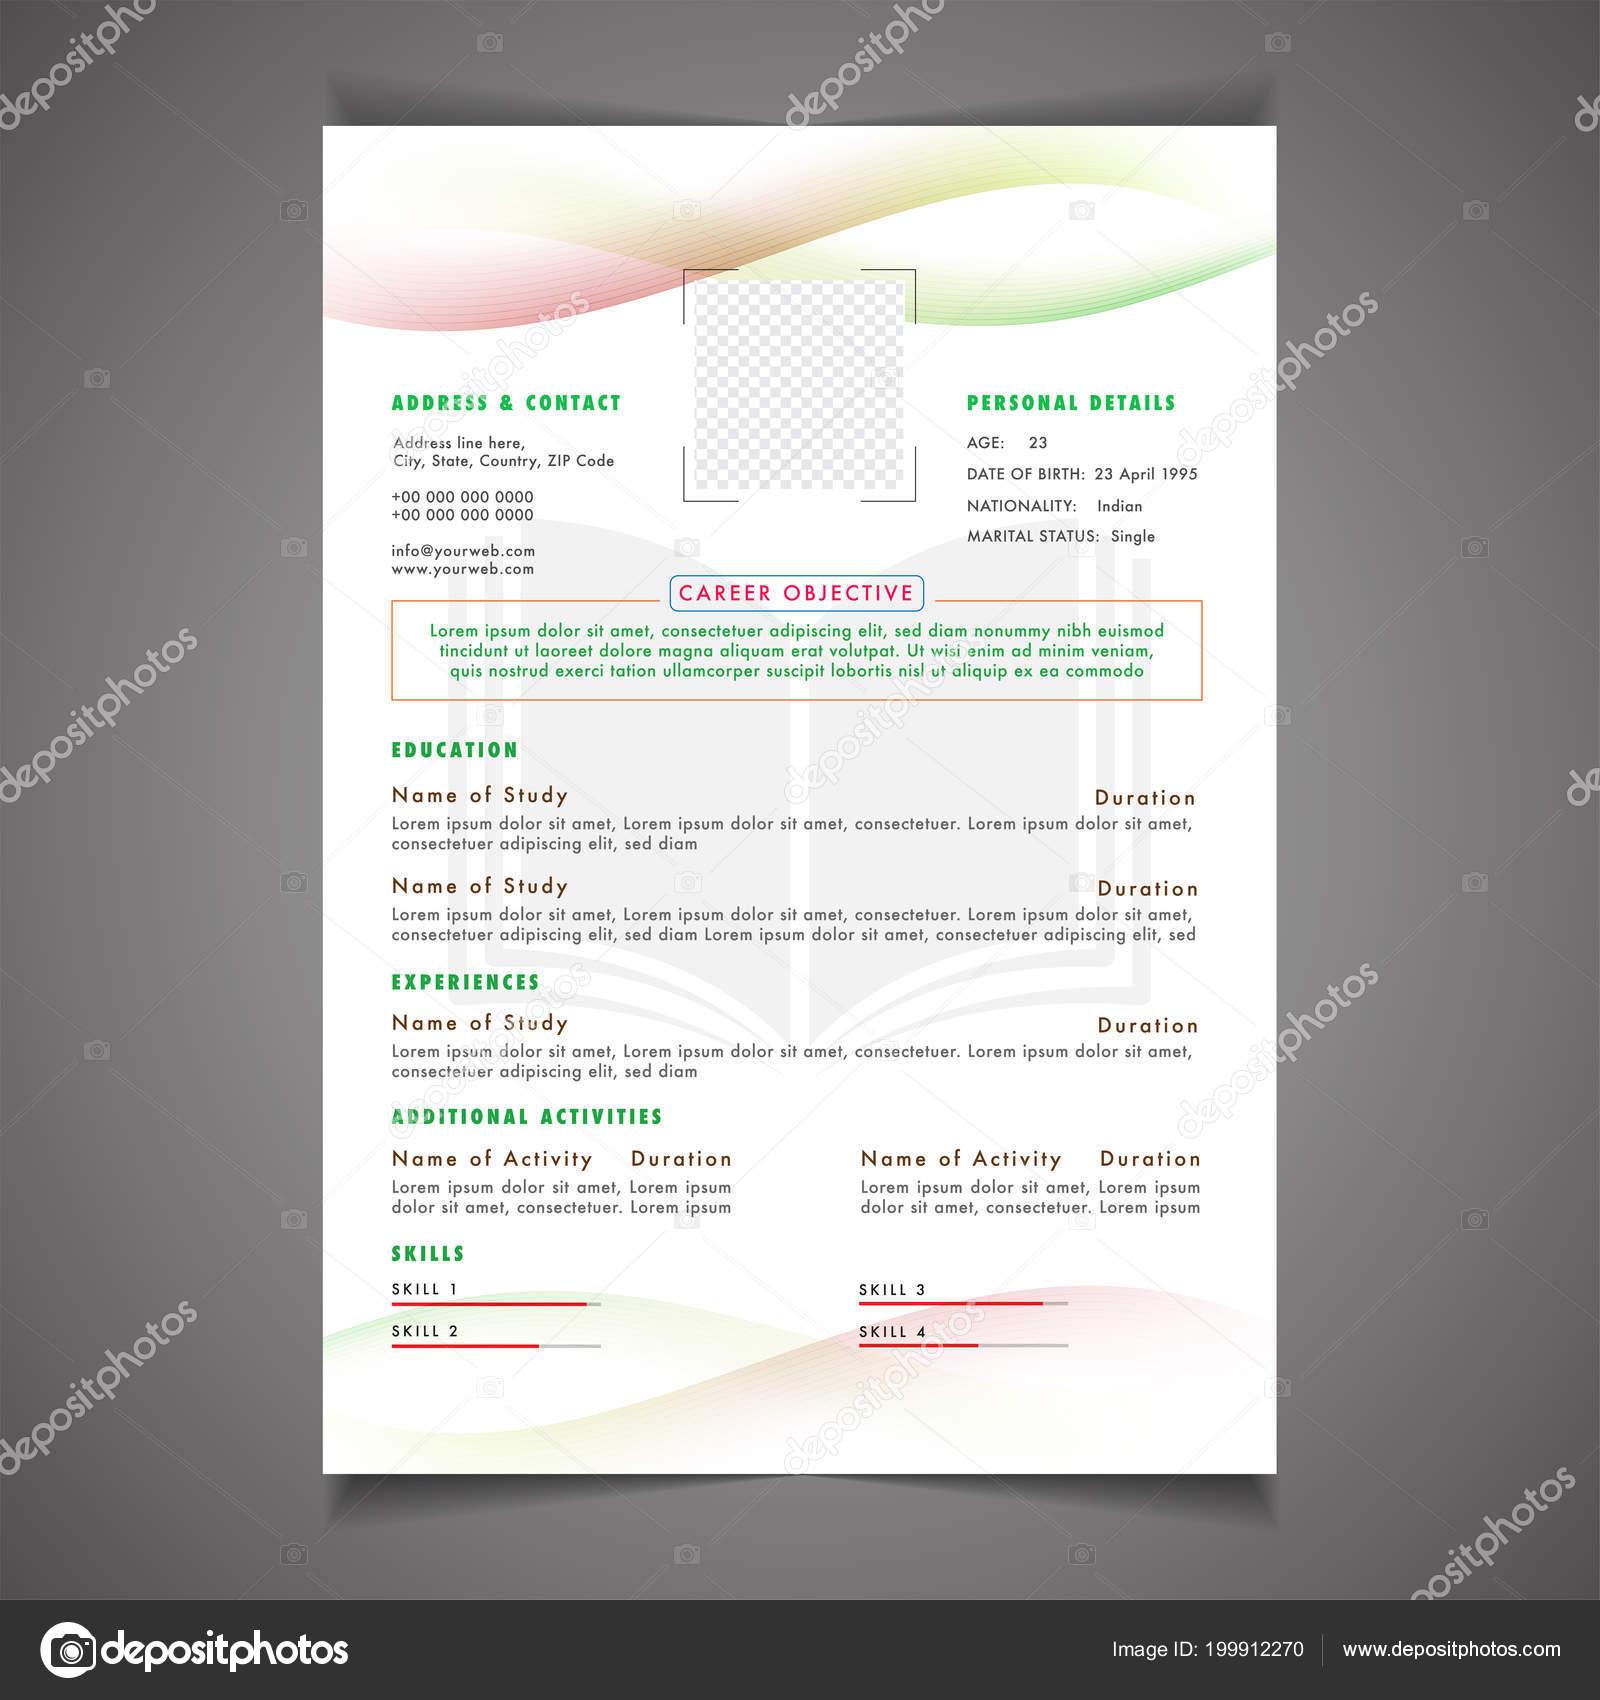 Scholarships Resume Template Design Letterhead Cover Letter Professional Placeholder Stock Vector